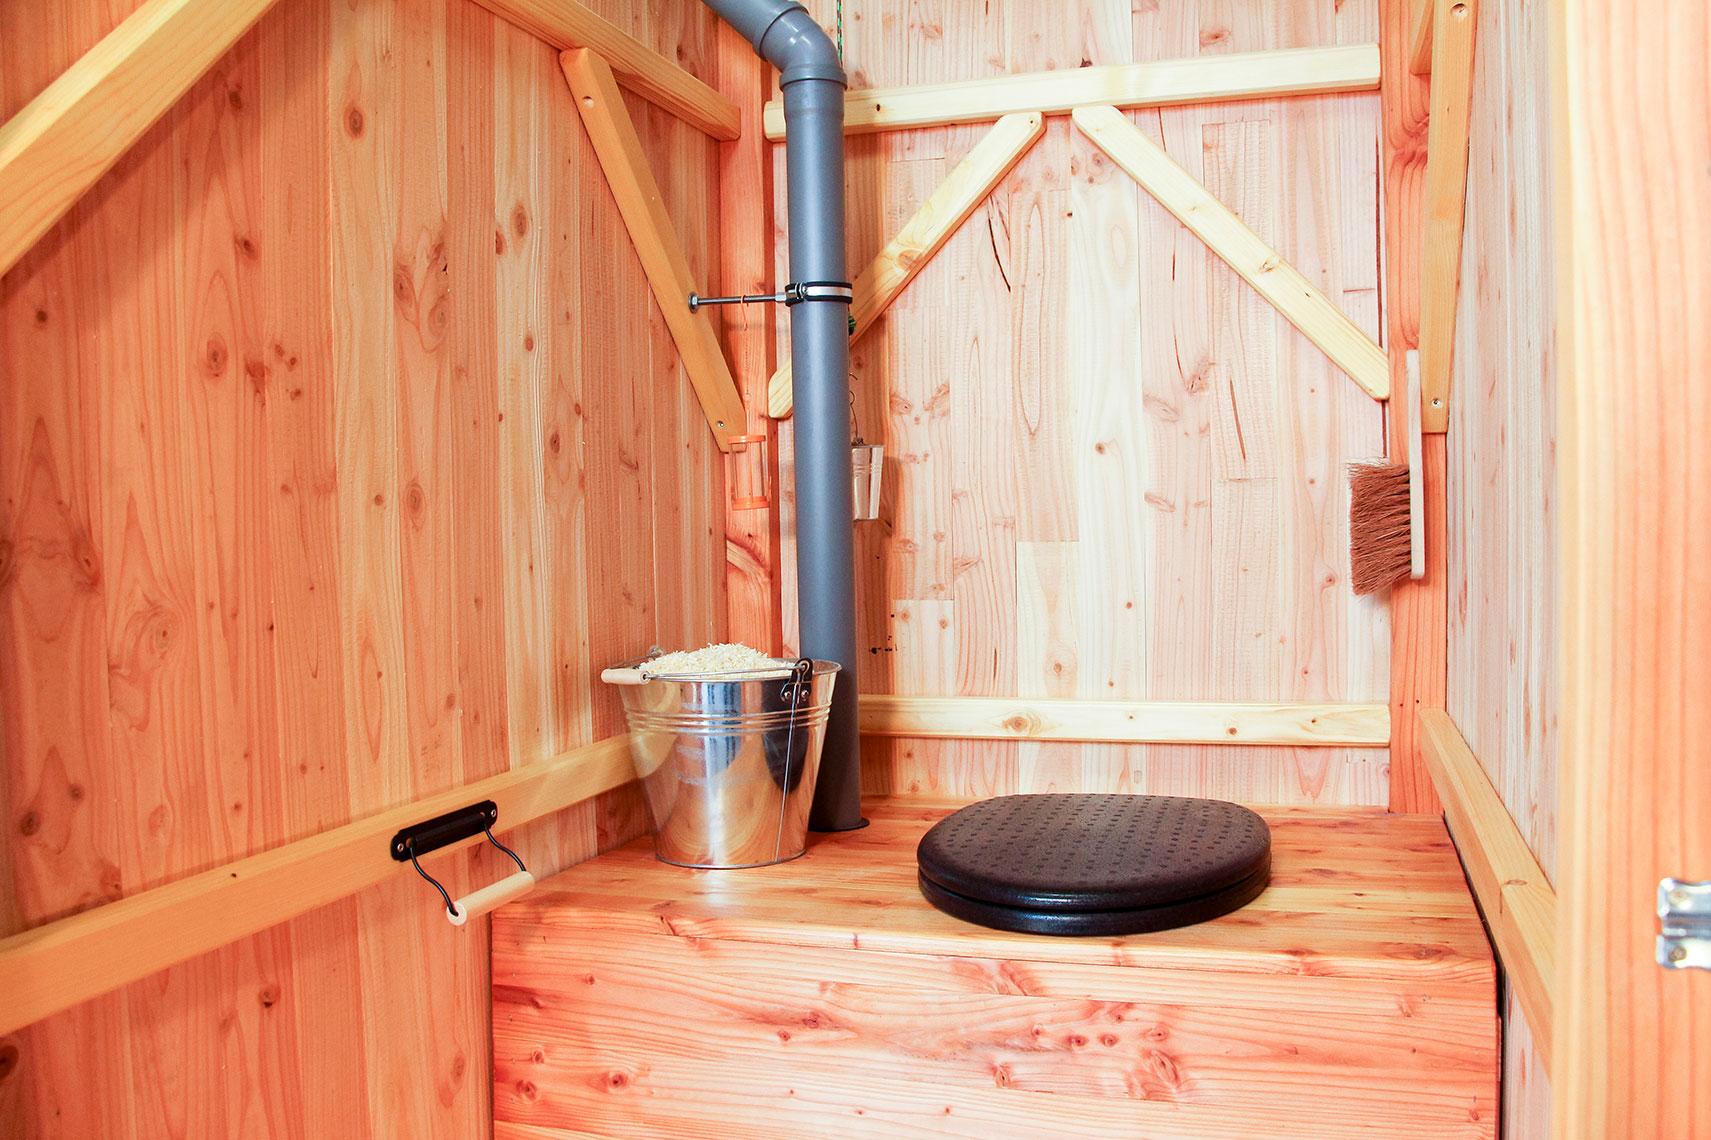 Komposttoilette Bauen ökologische komposttoilette kaufen komposttoilette com